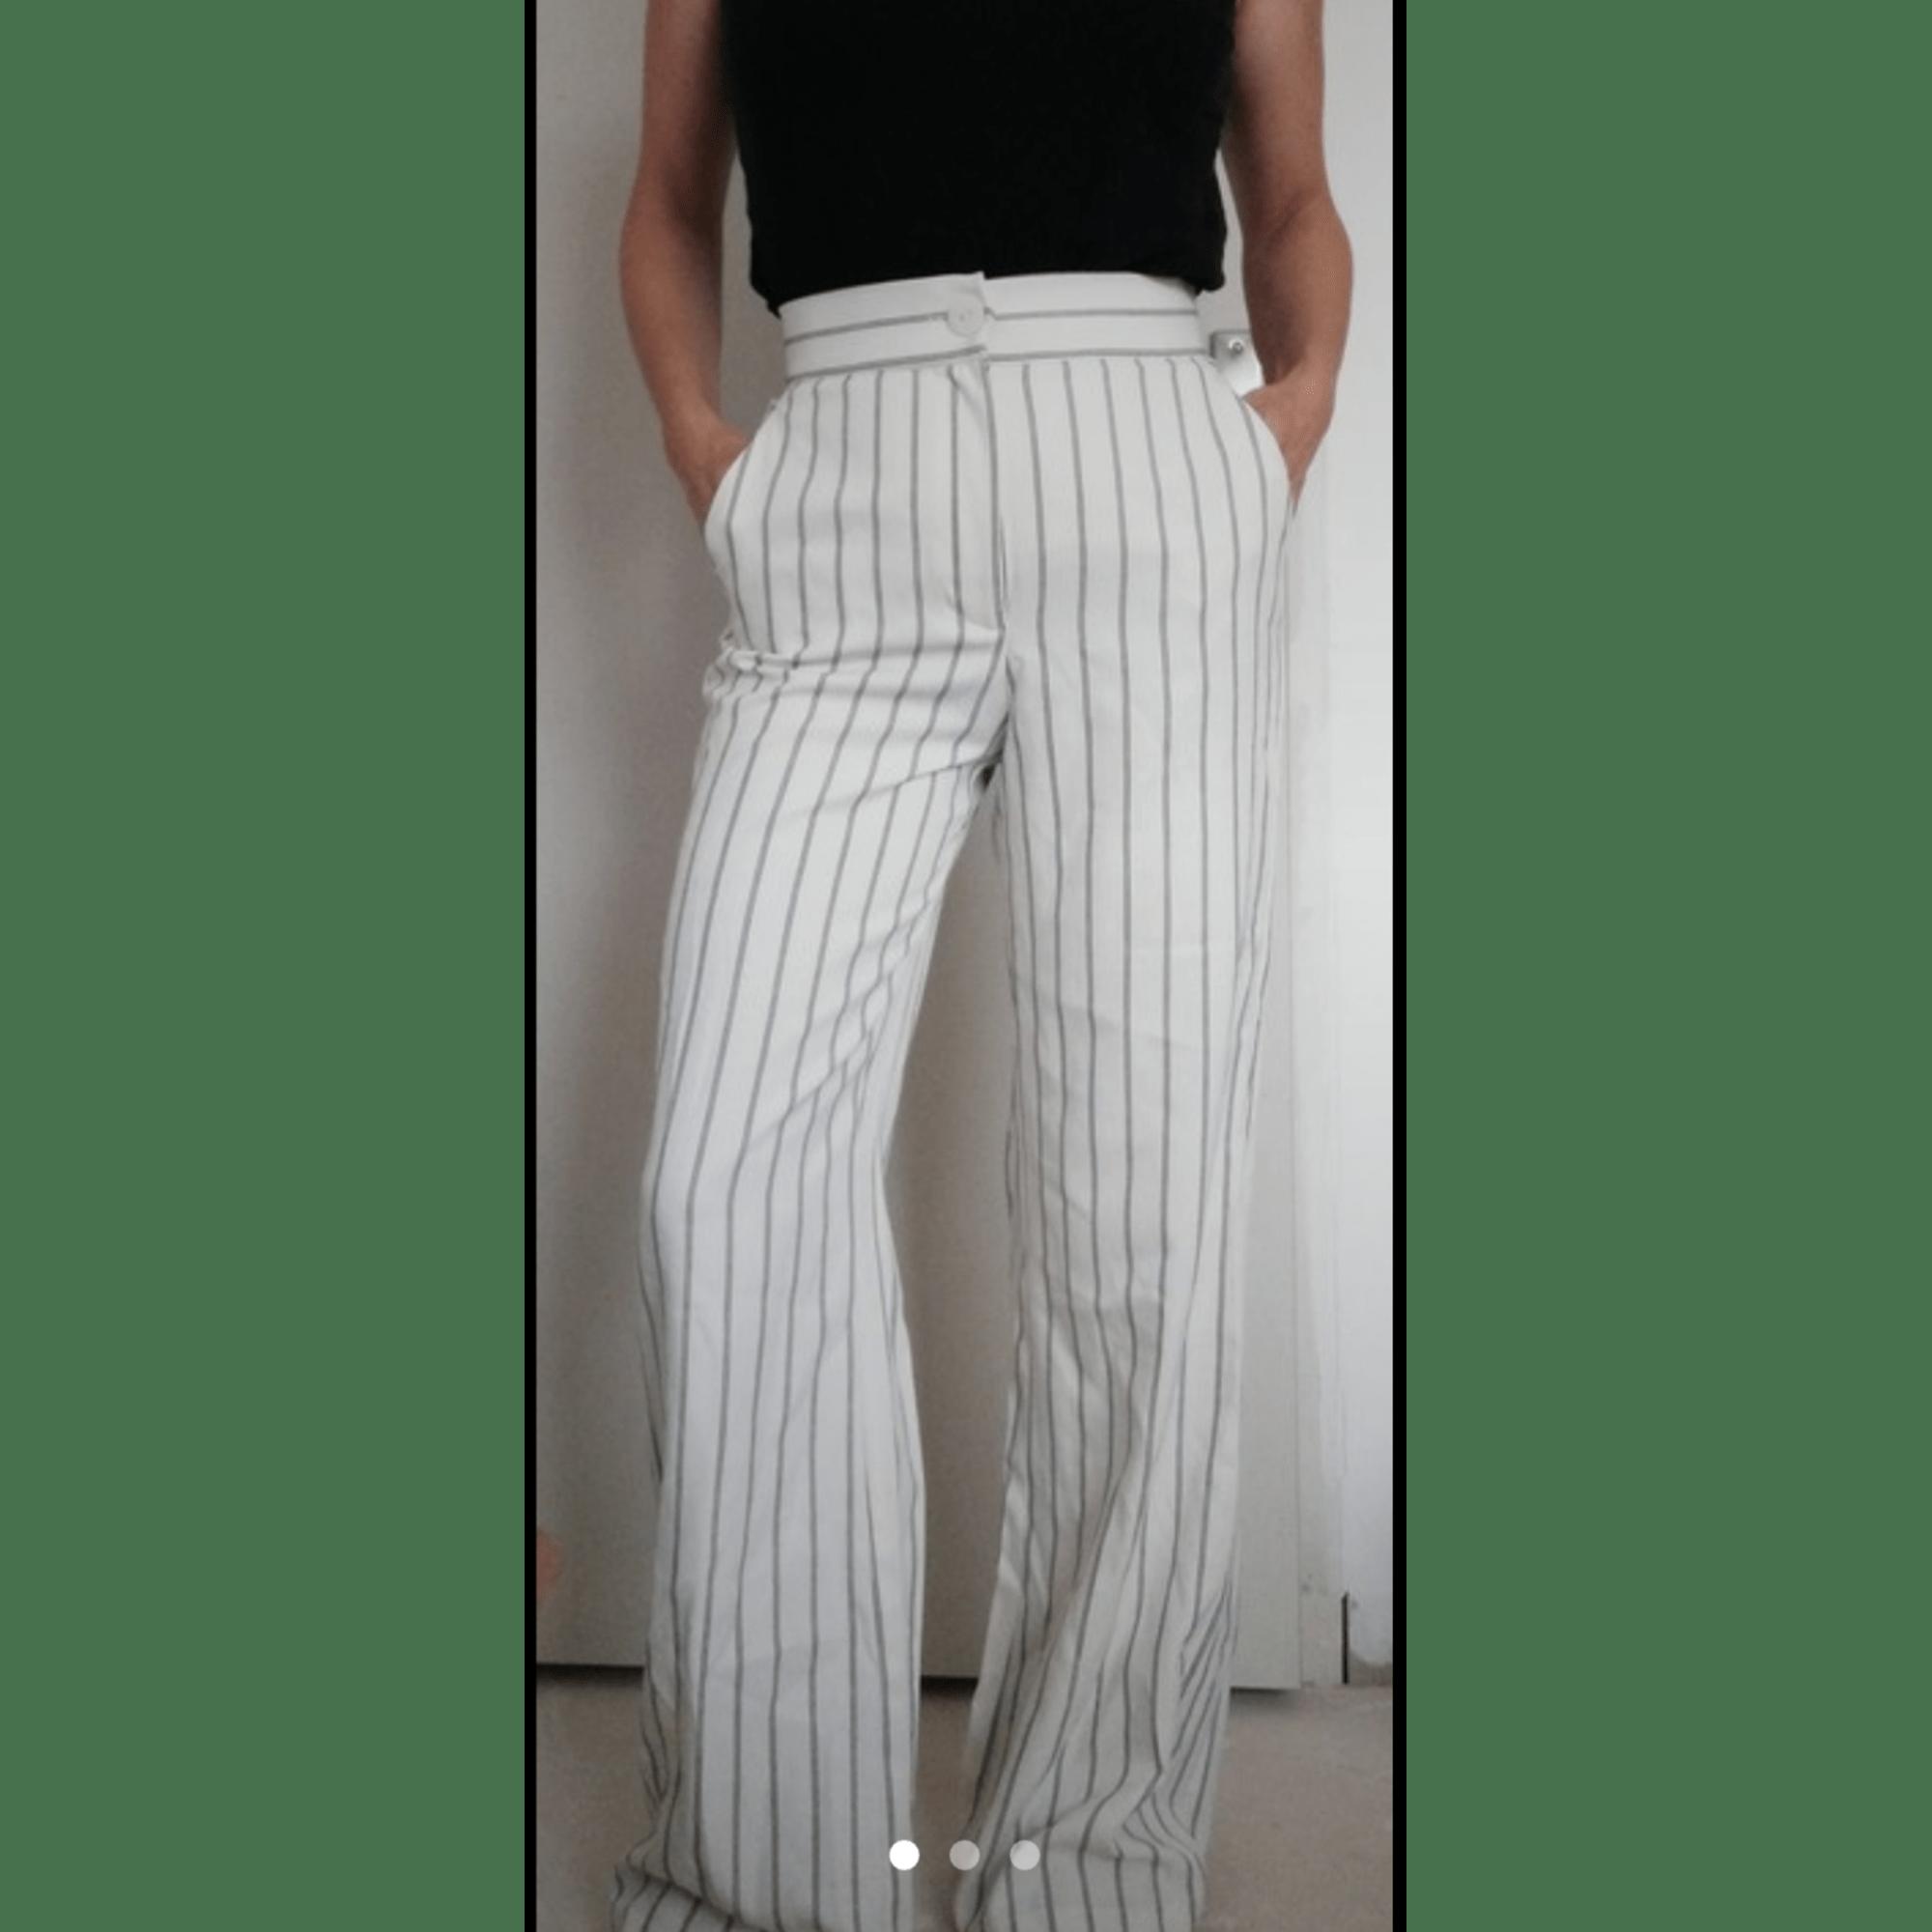 pantalon femme zara blanc